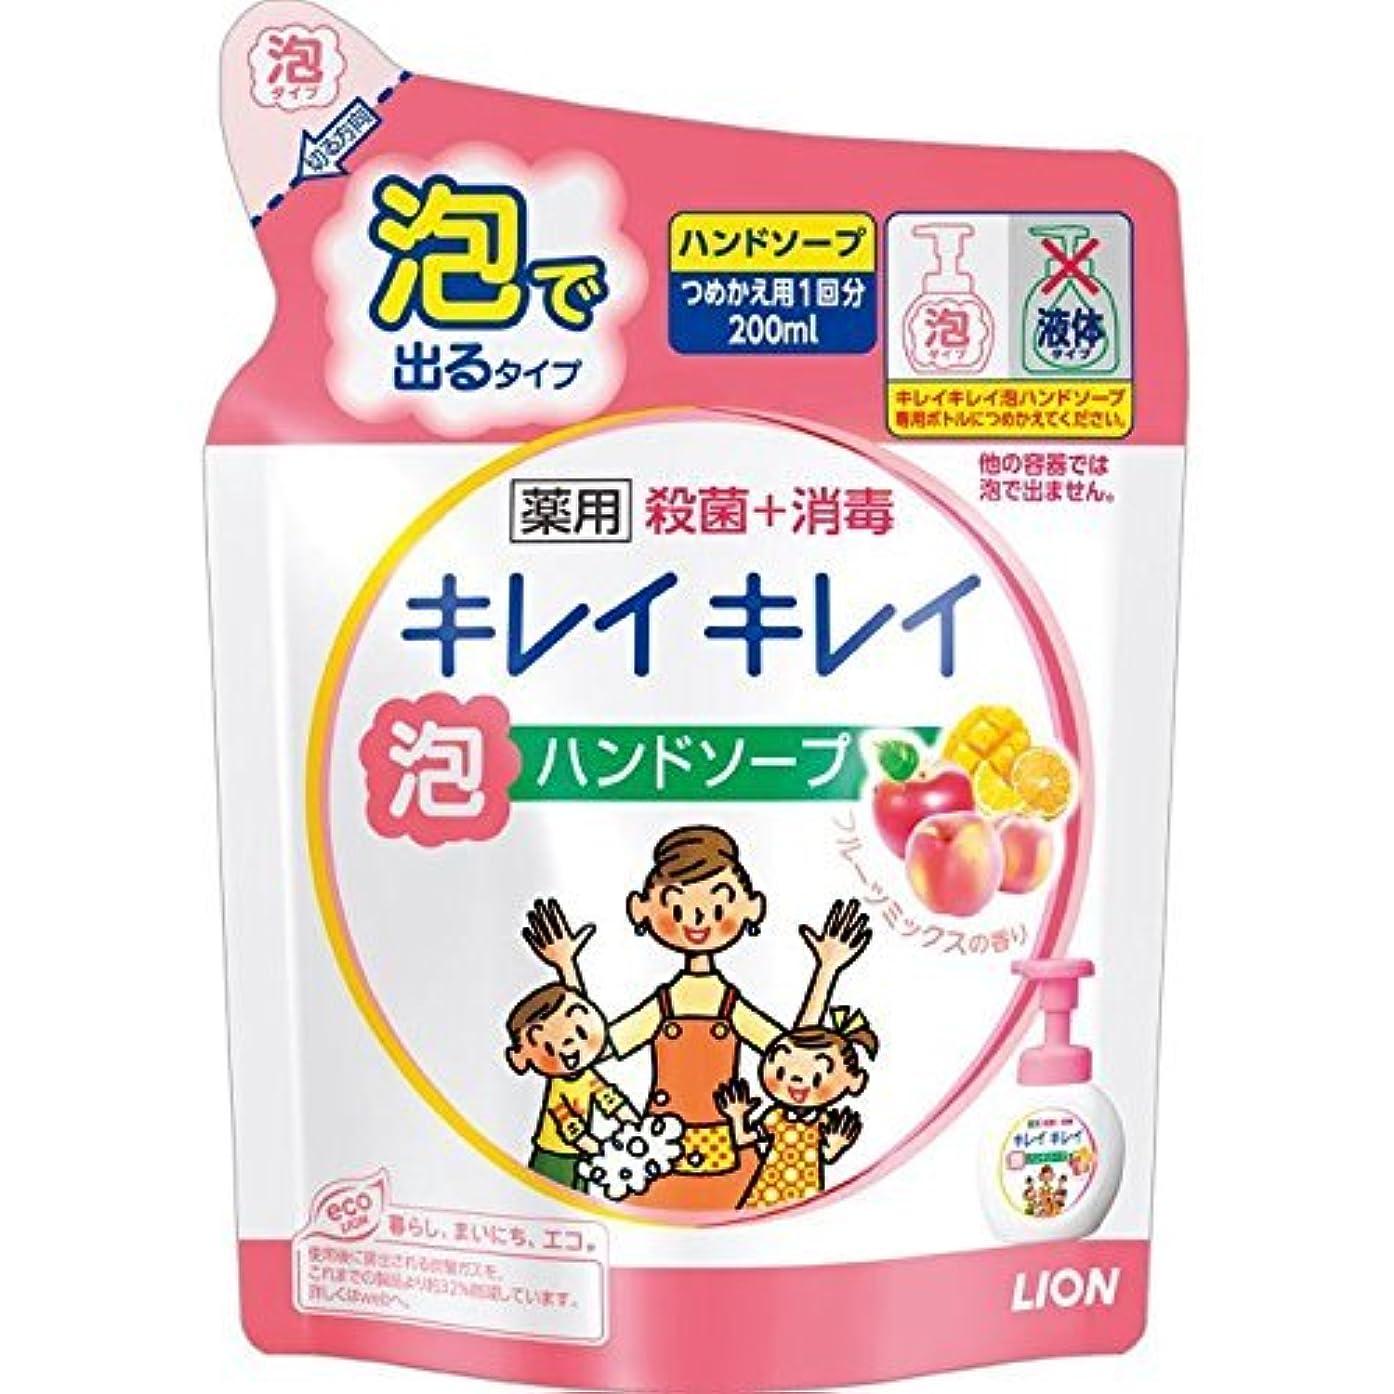 クライマックス認めるプログレッシブキレイキレイ 薬用泡ハンドソープ フルーツミックスの香り つめかえ用 通常サイズ 200ml ×20個セット